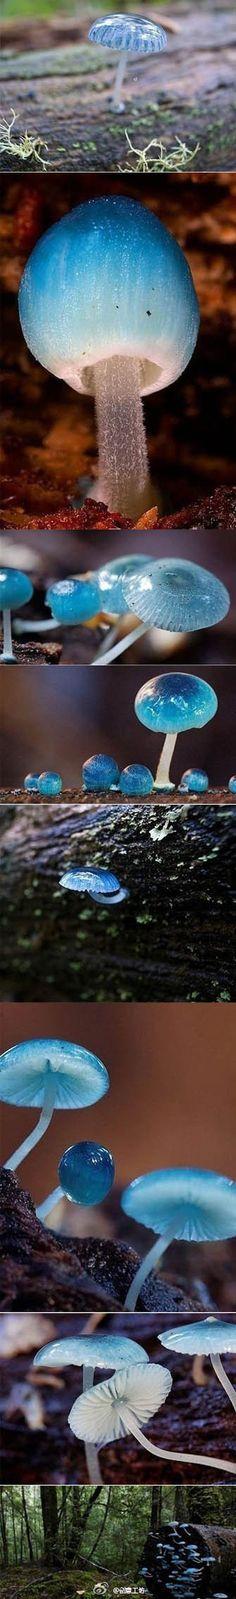 【精灵的梧桐-炫蓝蘑菇】产于澳大利亚塔斯马尼亚岛,它是冈瓦纳植物区系,属于真菌,颜色鲜丽但是并不发光,未成熟幼苗时期时呈现蓝色。它还有个神奇的传说,吃下后眼睛可以变成蓝色。